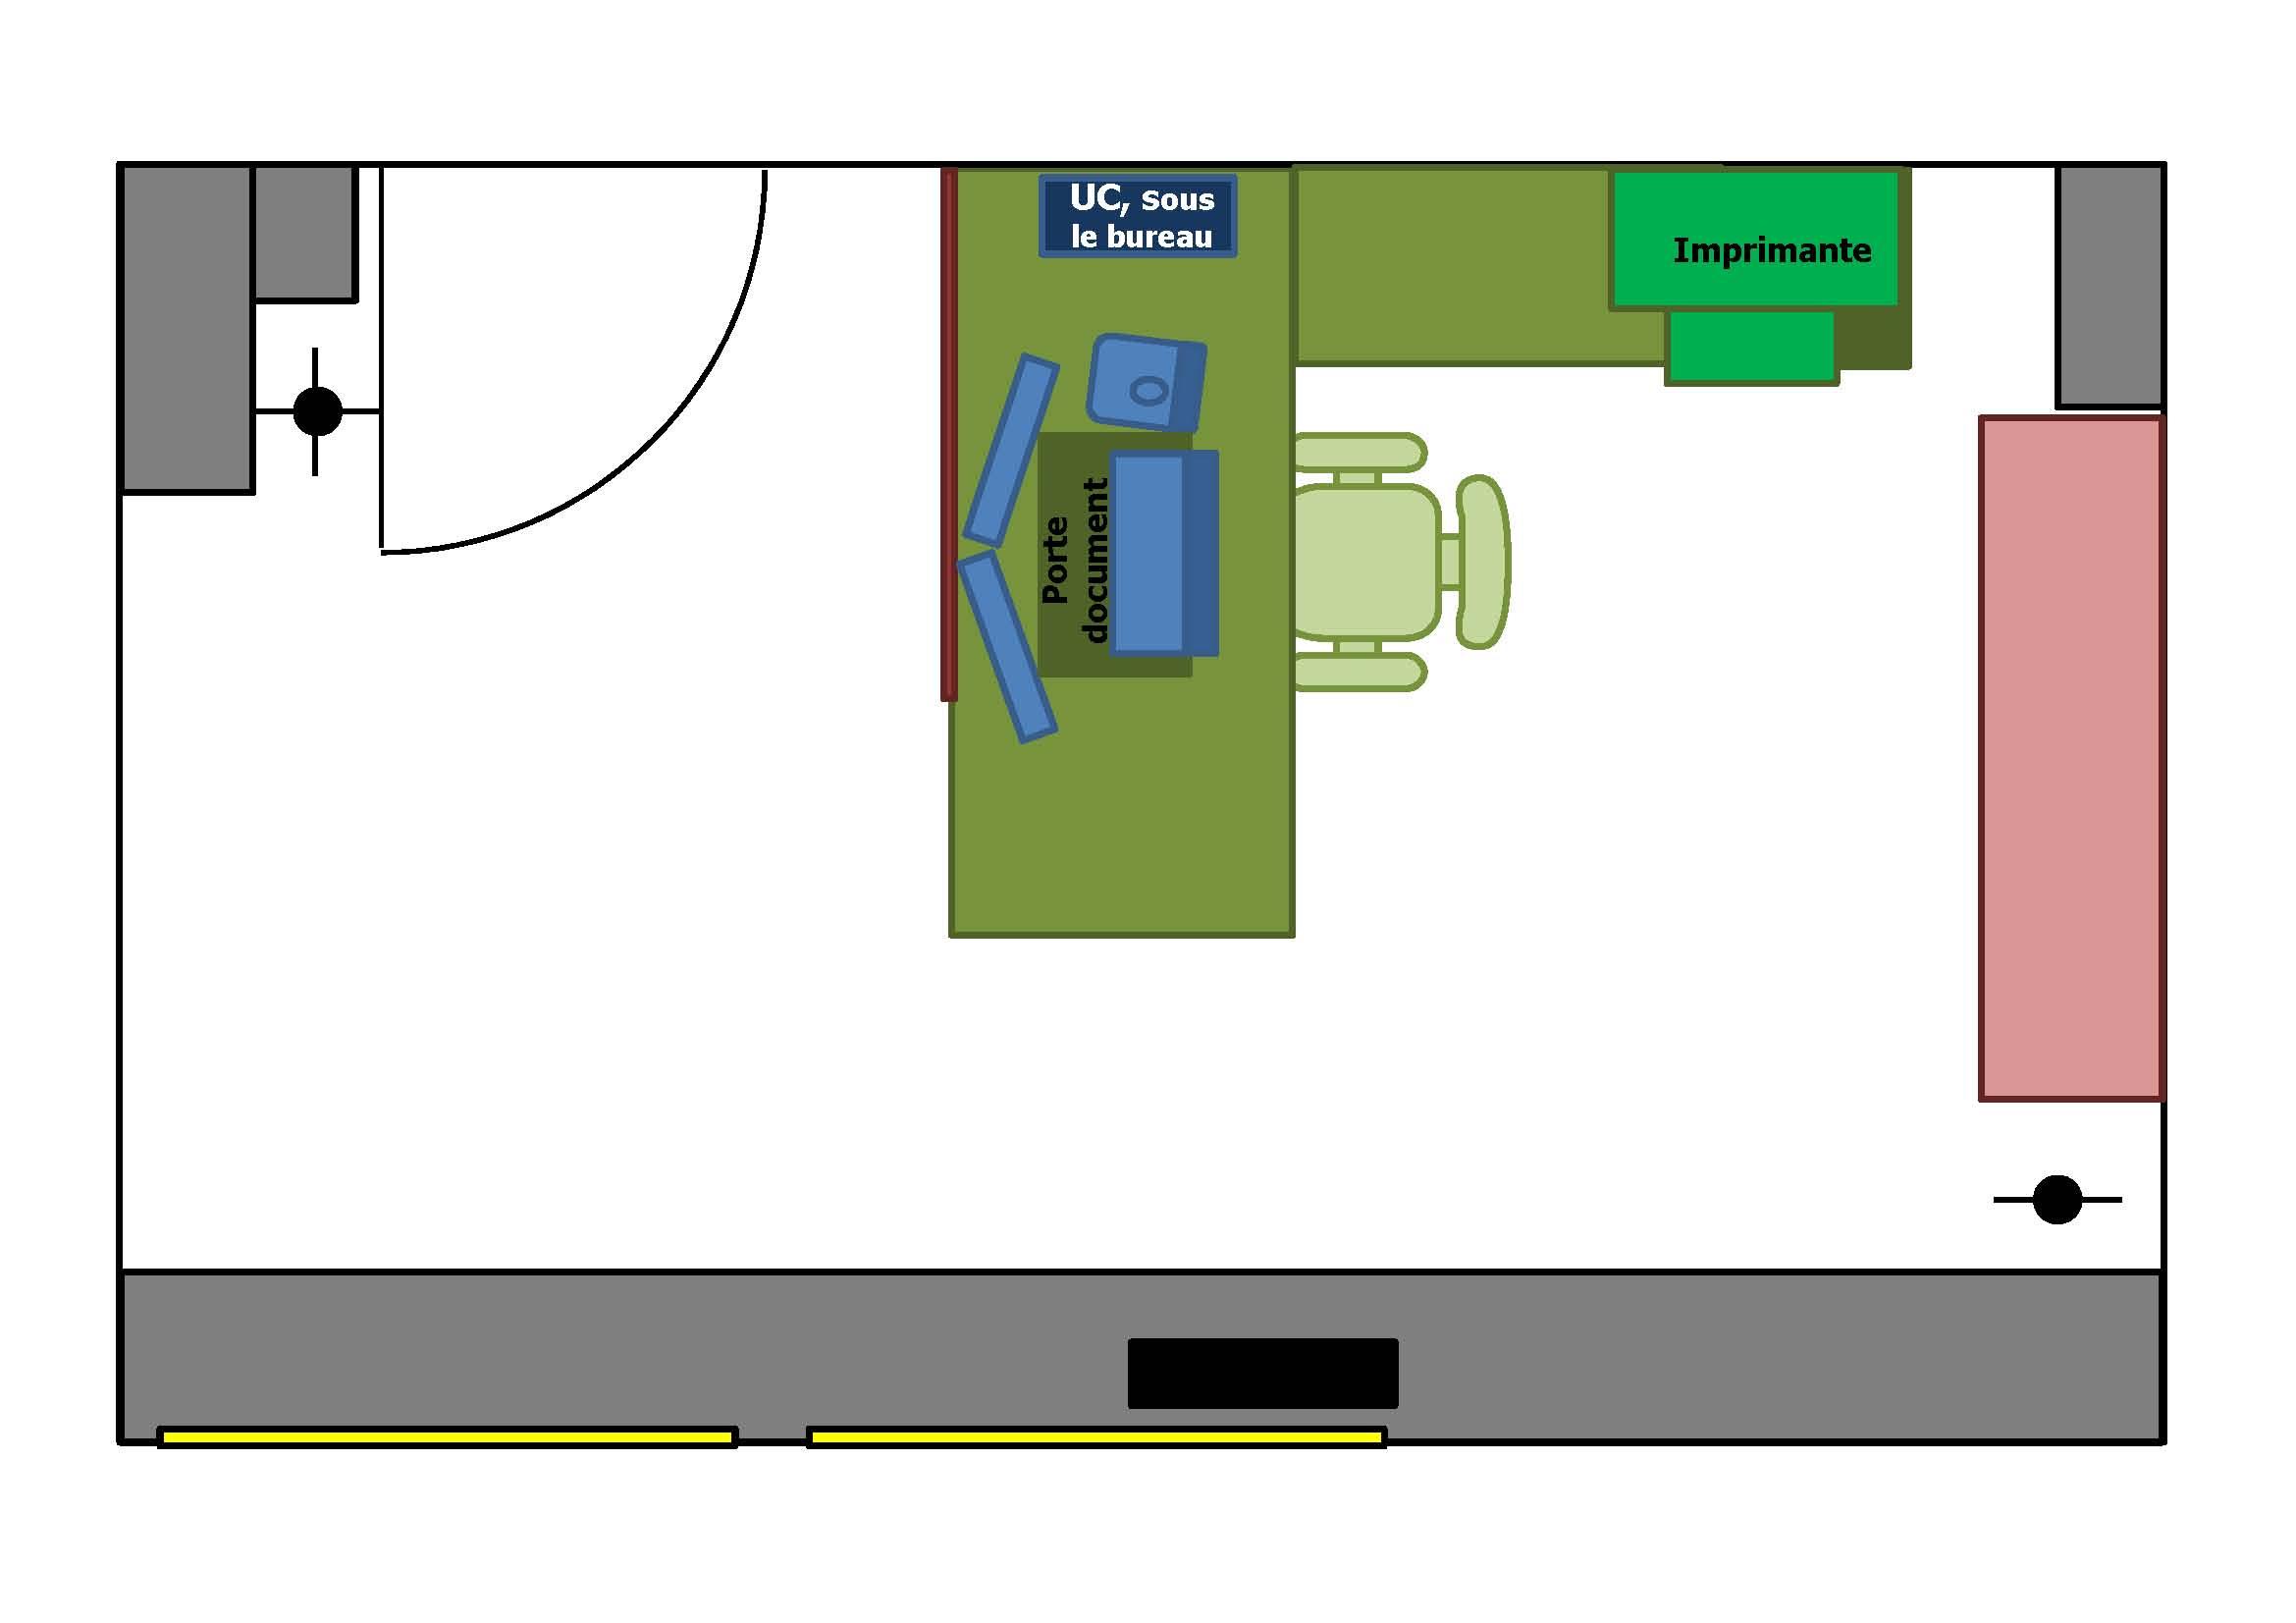 8 Pack Office Amenagement poste de travail Positionnement materiel